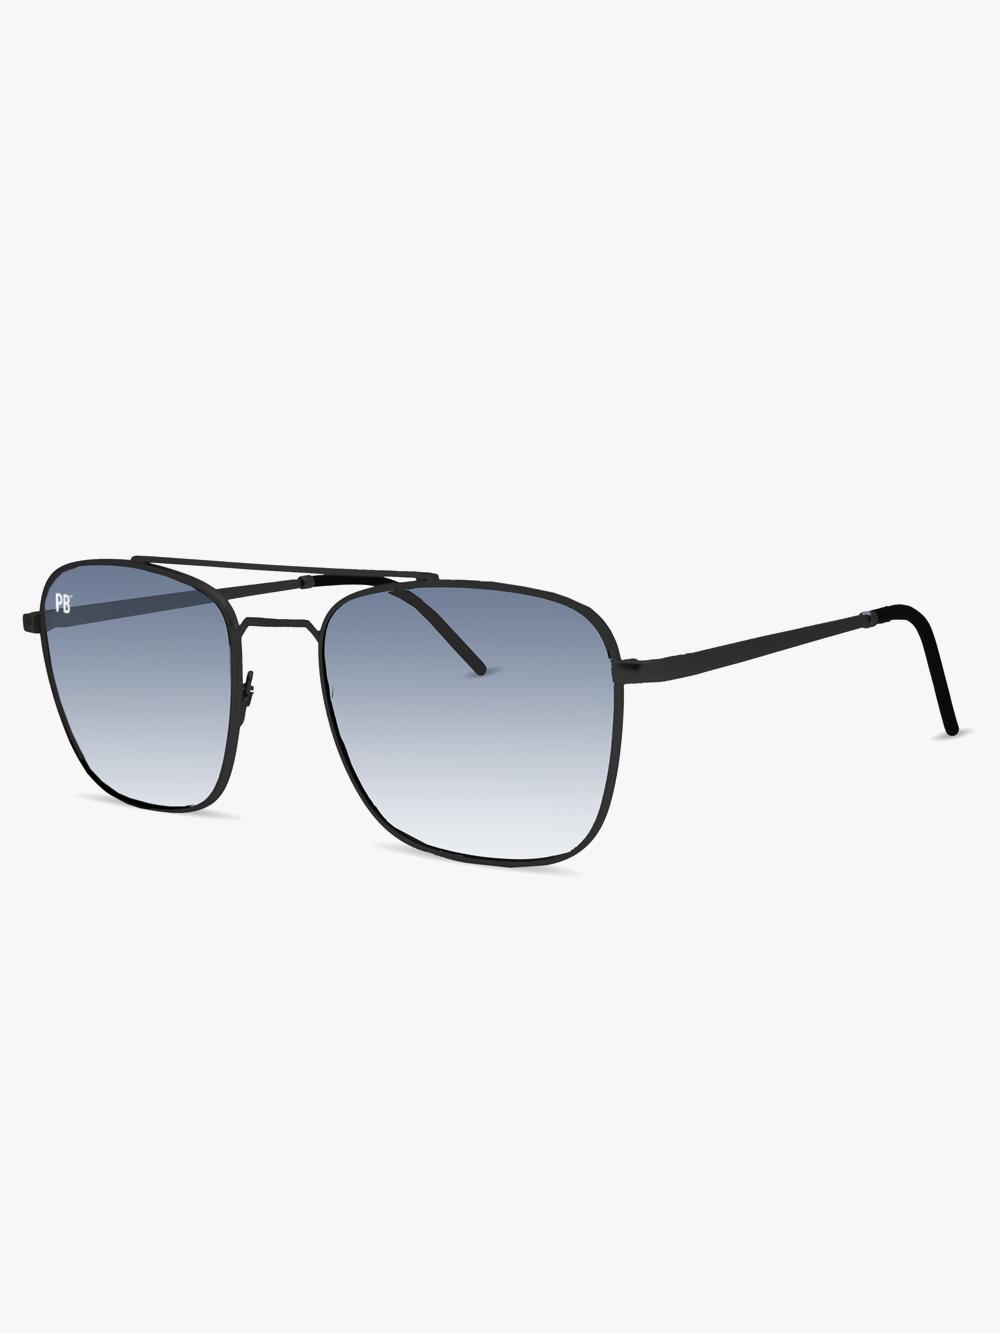 PB-Sunglasses-Legend-Matte-Black-Gradient-Light-Blue